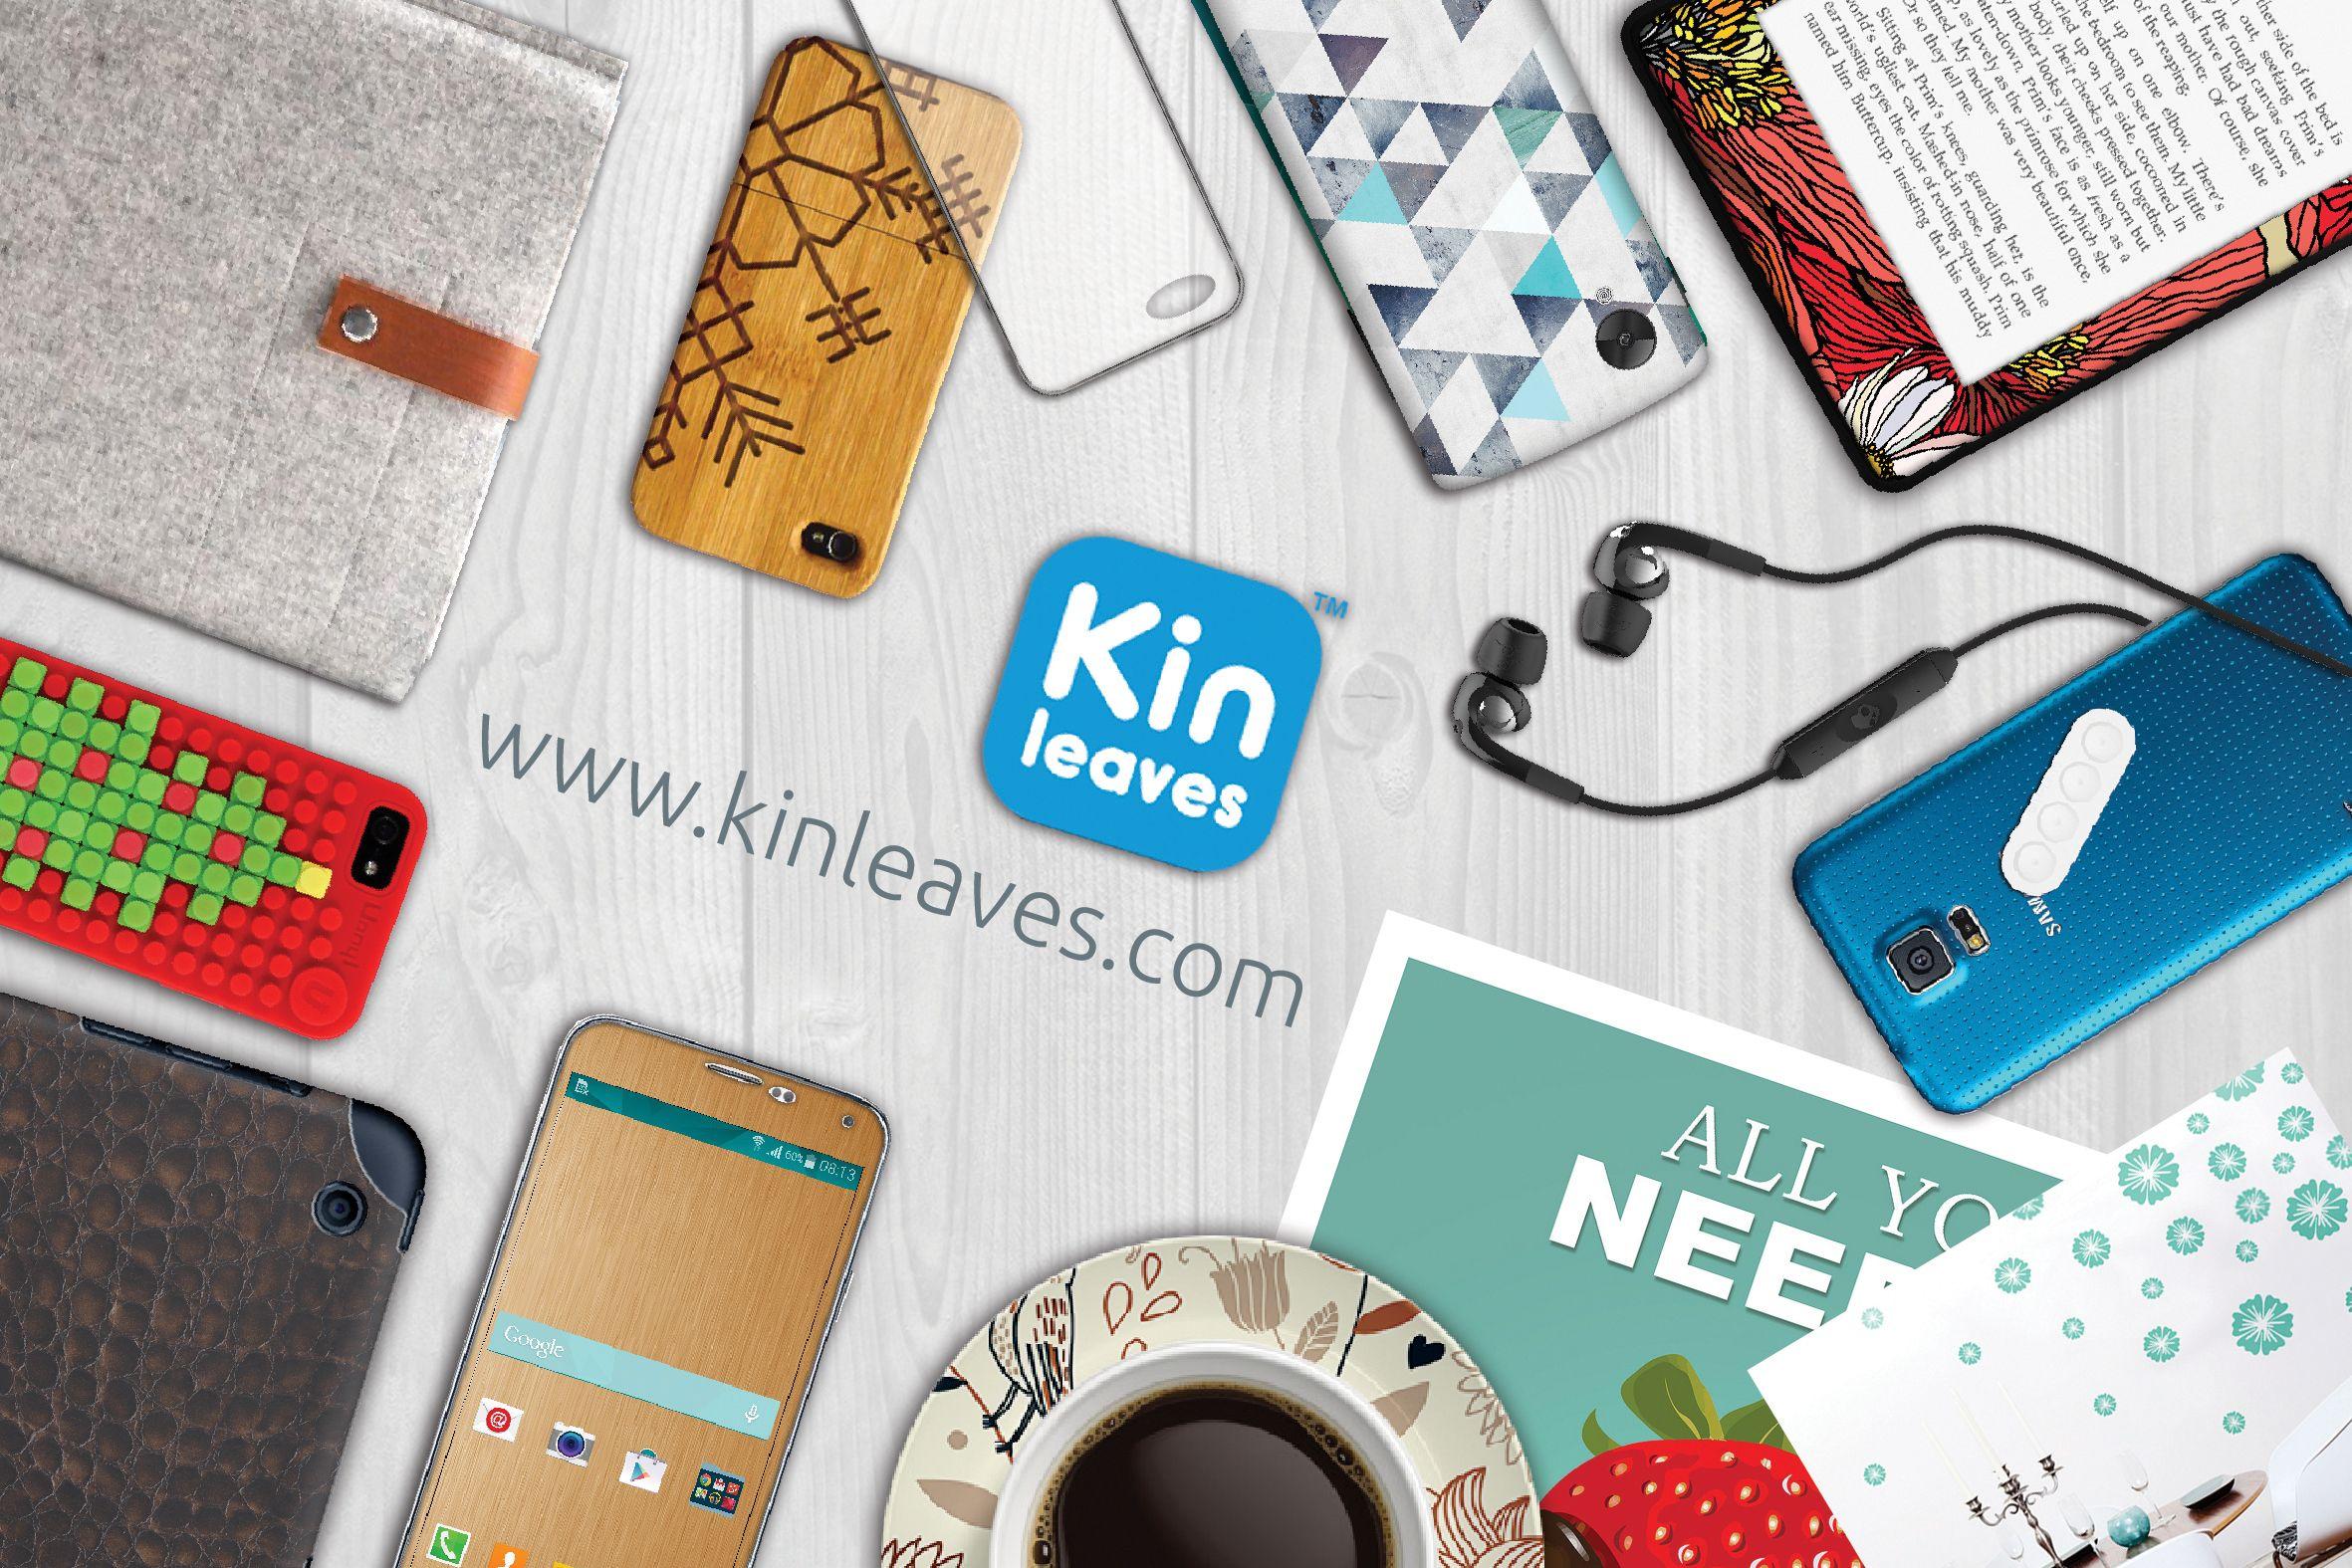 Kinleaves has a new webside take a look wwwkinleaves